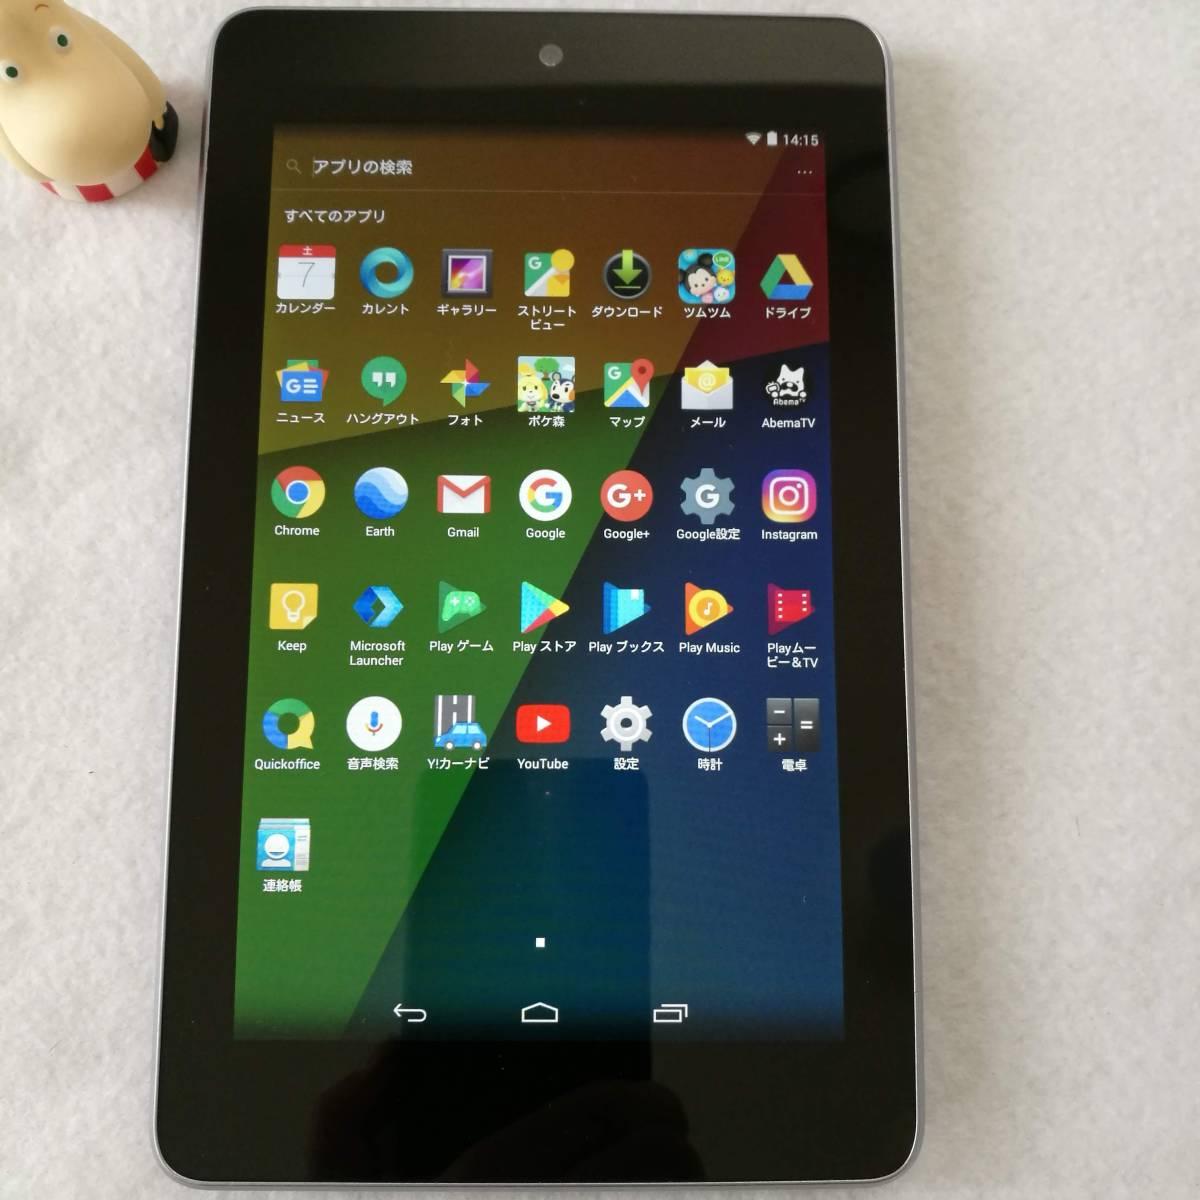 【美品です】【7インチタブレットの名機】Google Nexus7 Wi-Fiモデル 16GB ツムツム ポケ森 カーナビ AbemaTV インスタ できます 16_画像2